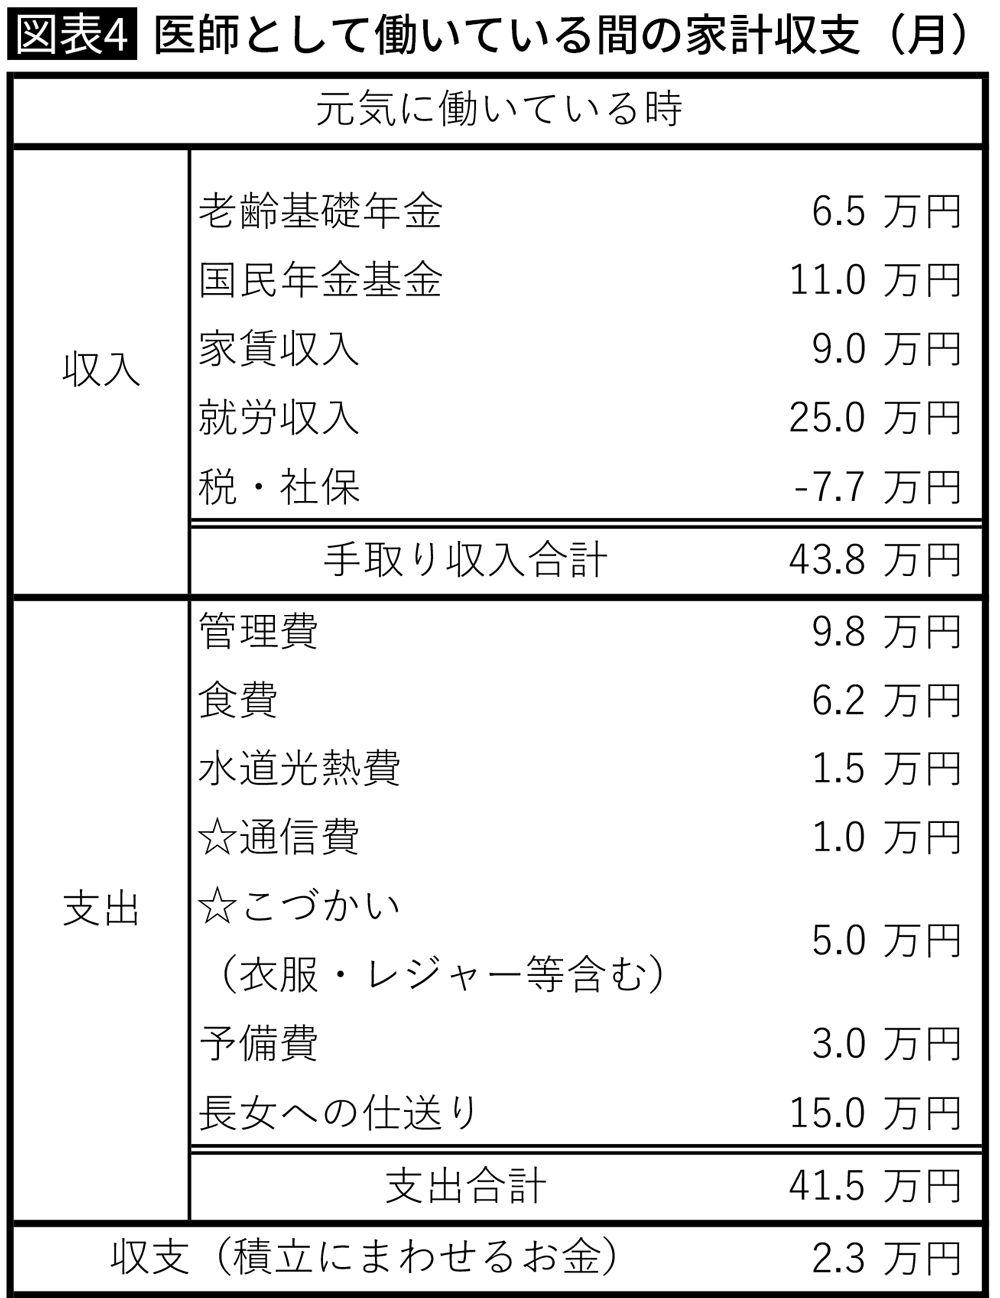 医師として働いている間の家計収支(月)